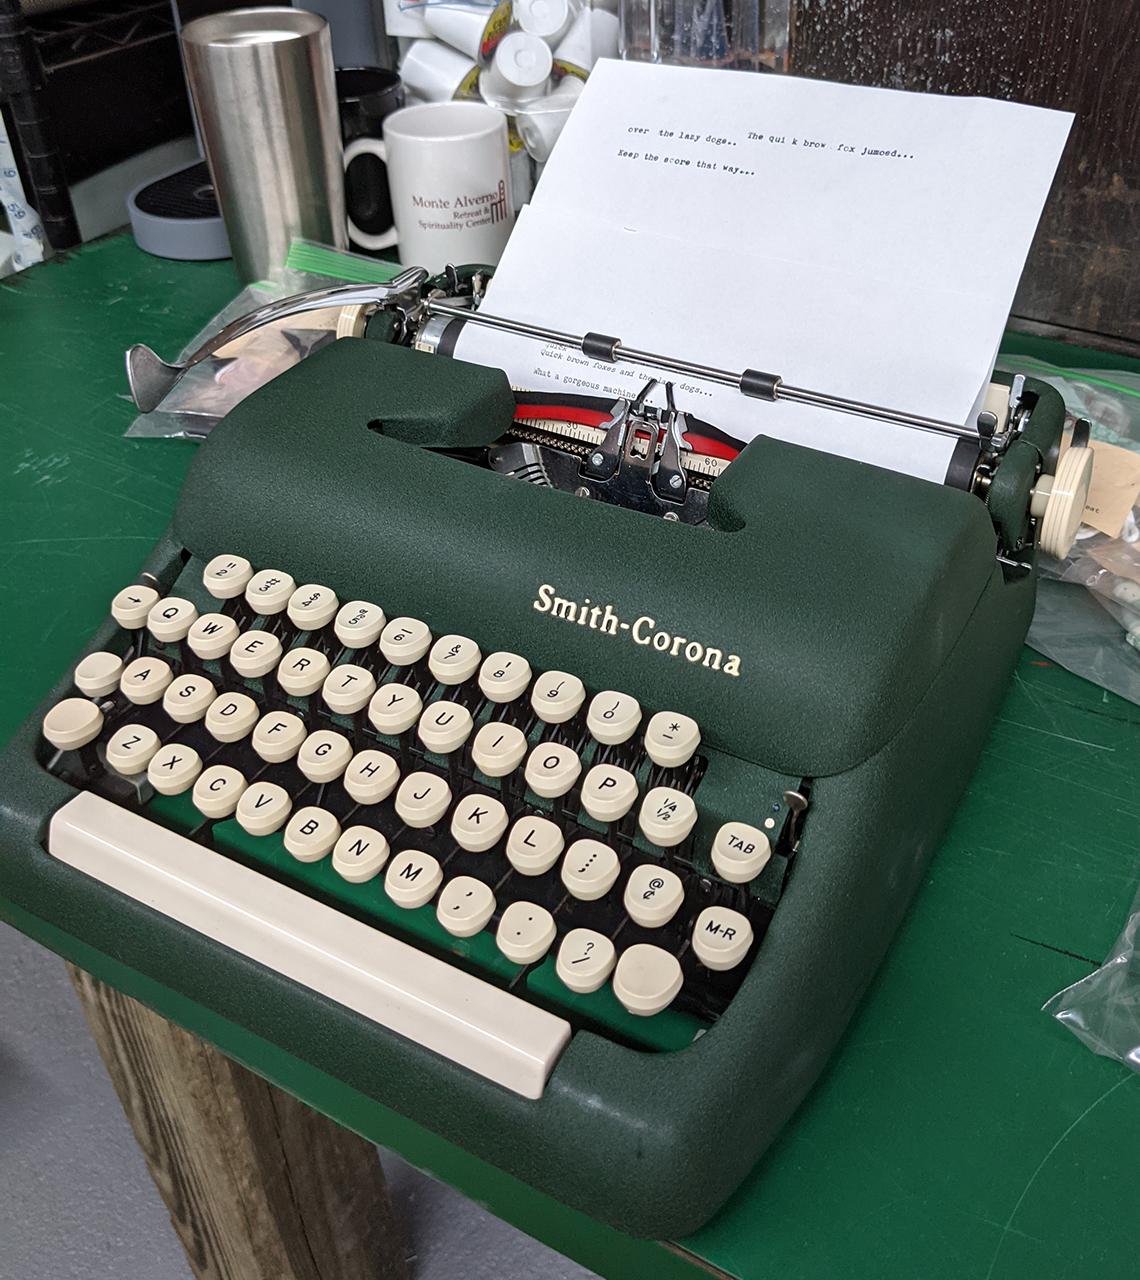 Máquina de escribir sobre una mesa